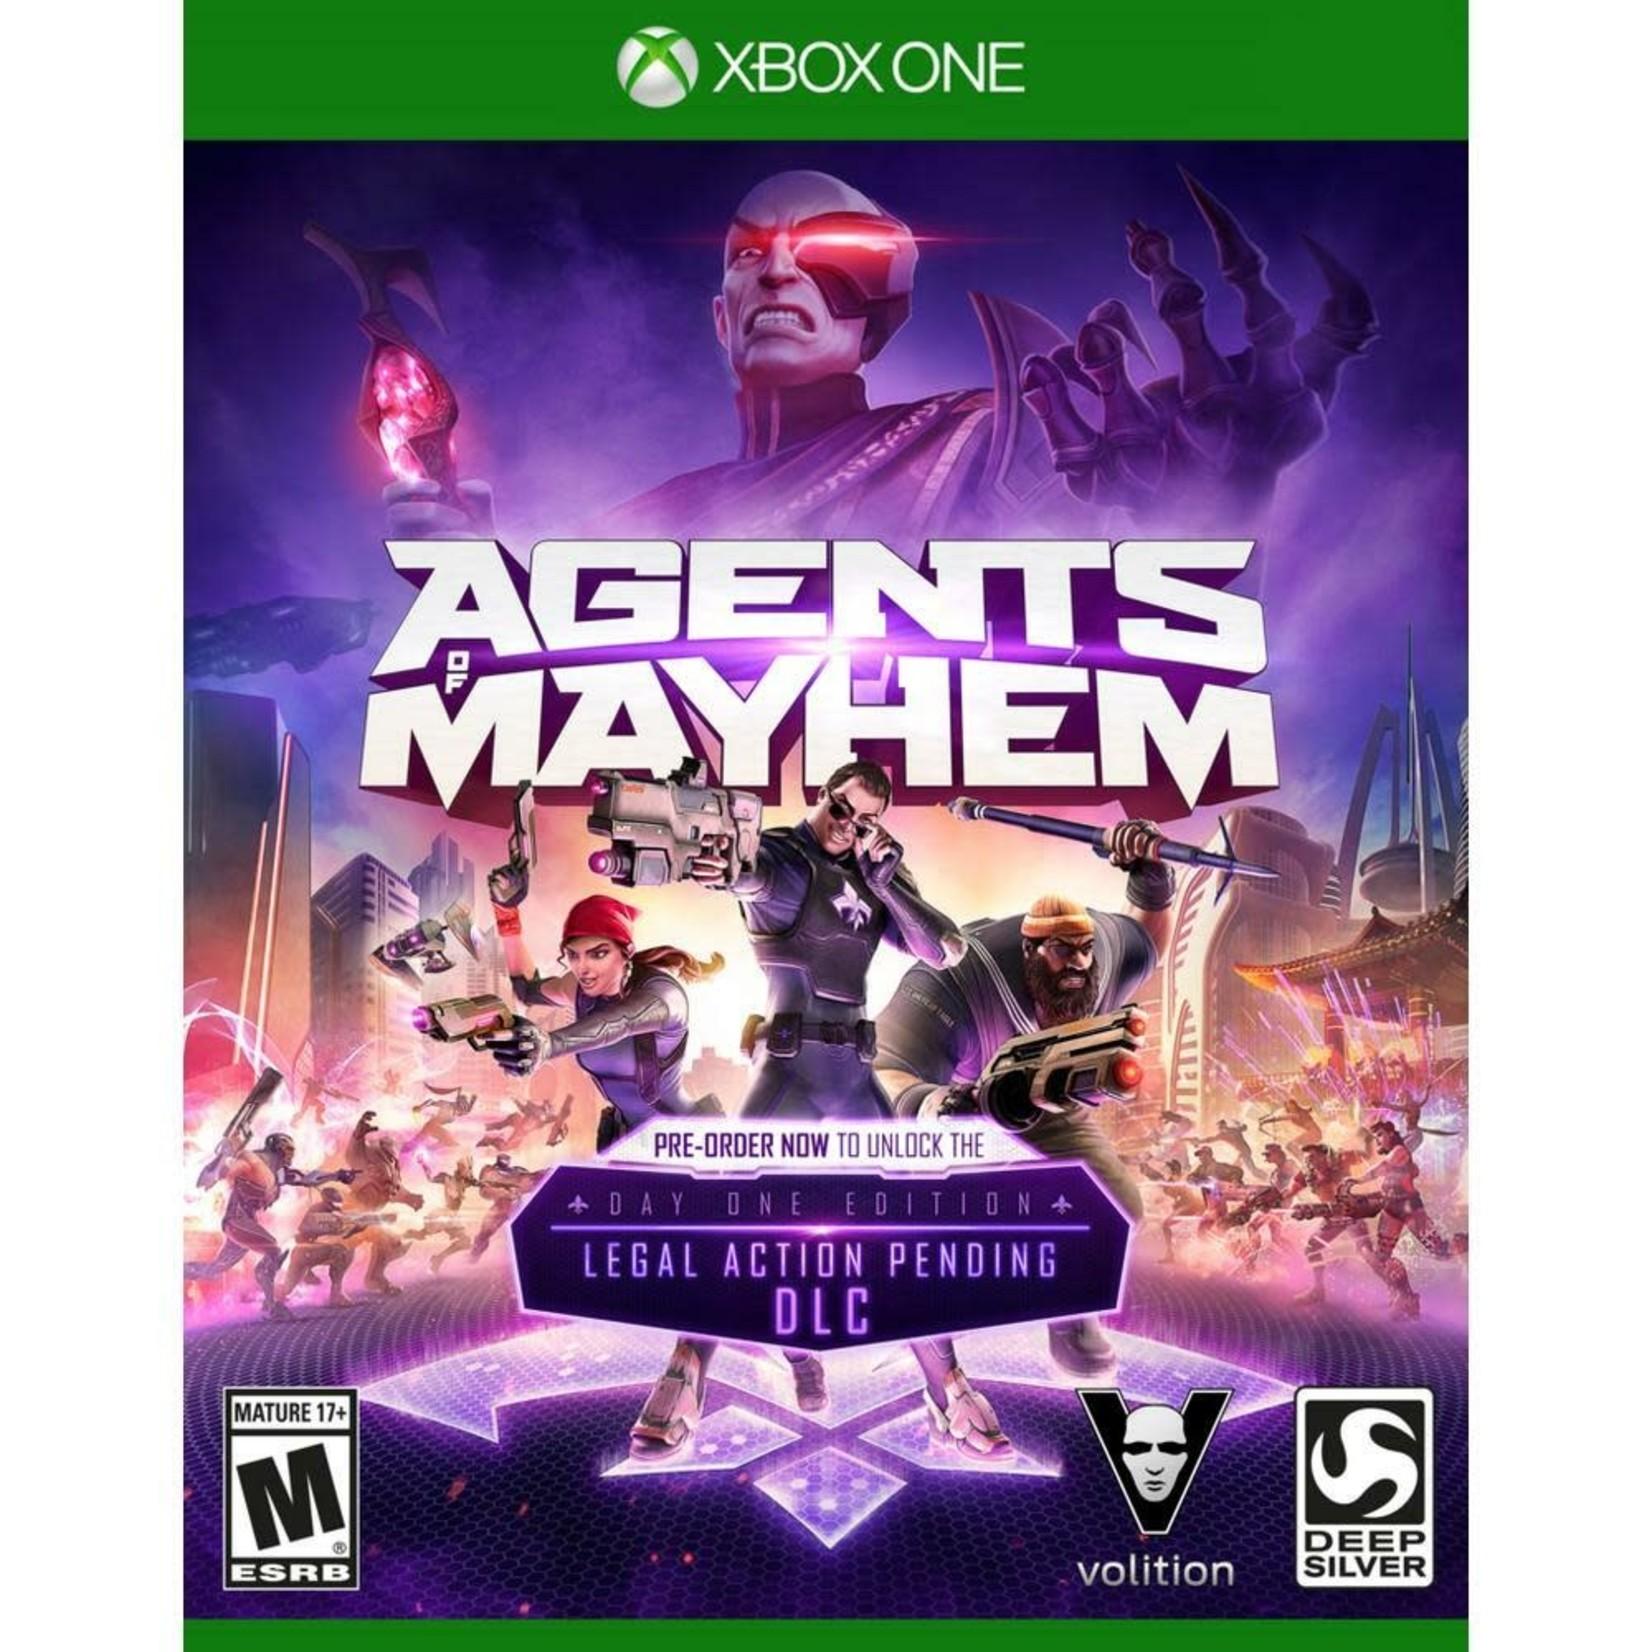 XB1-Agents of Mayhem